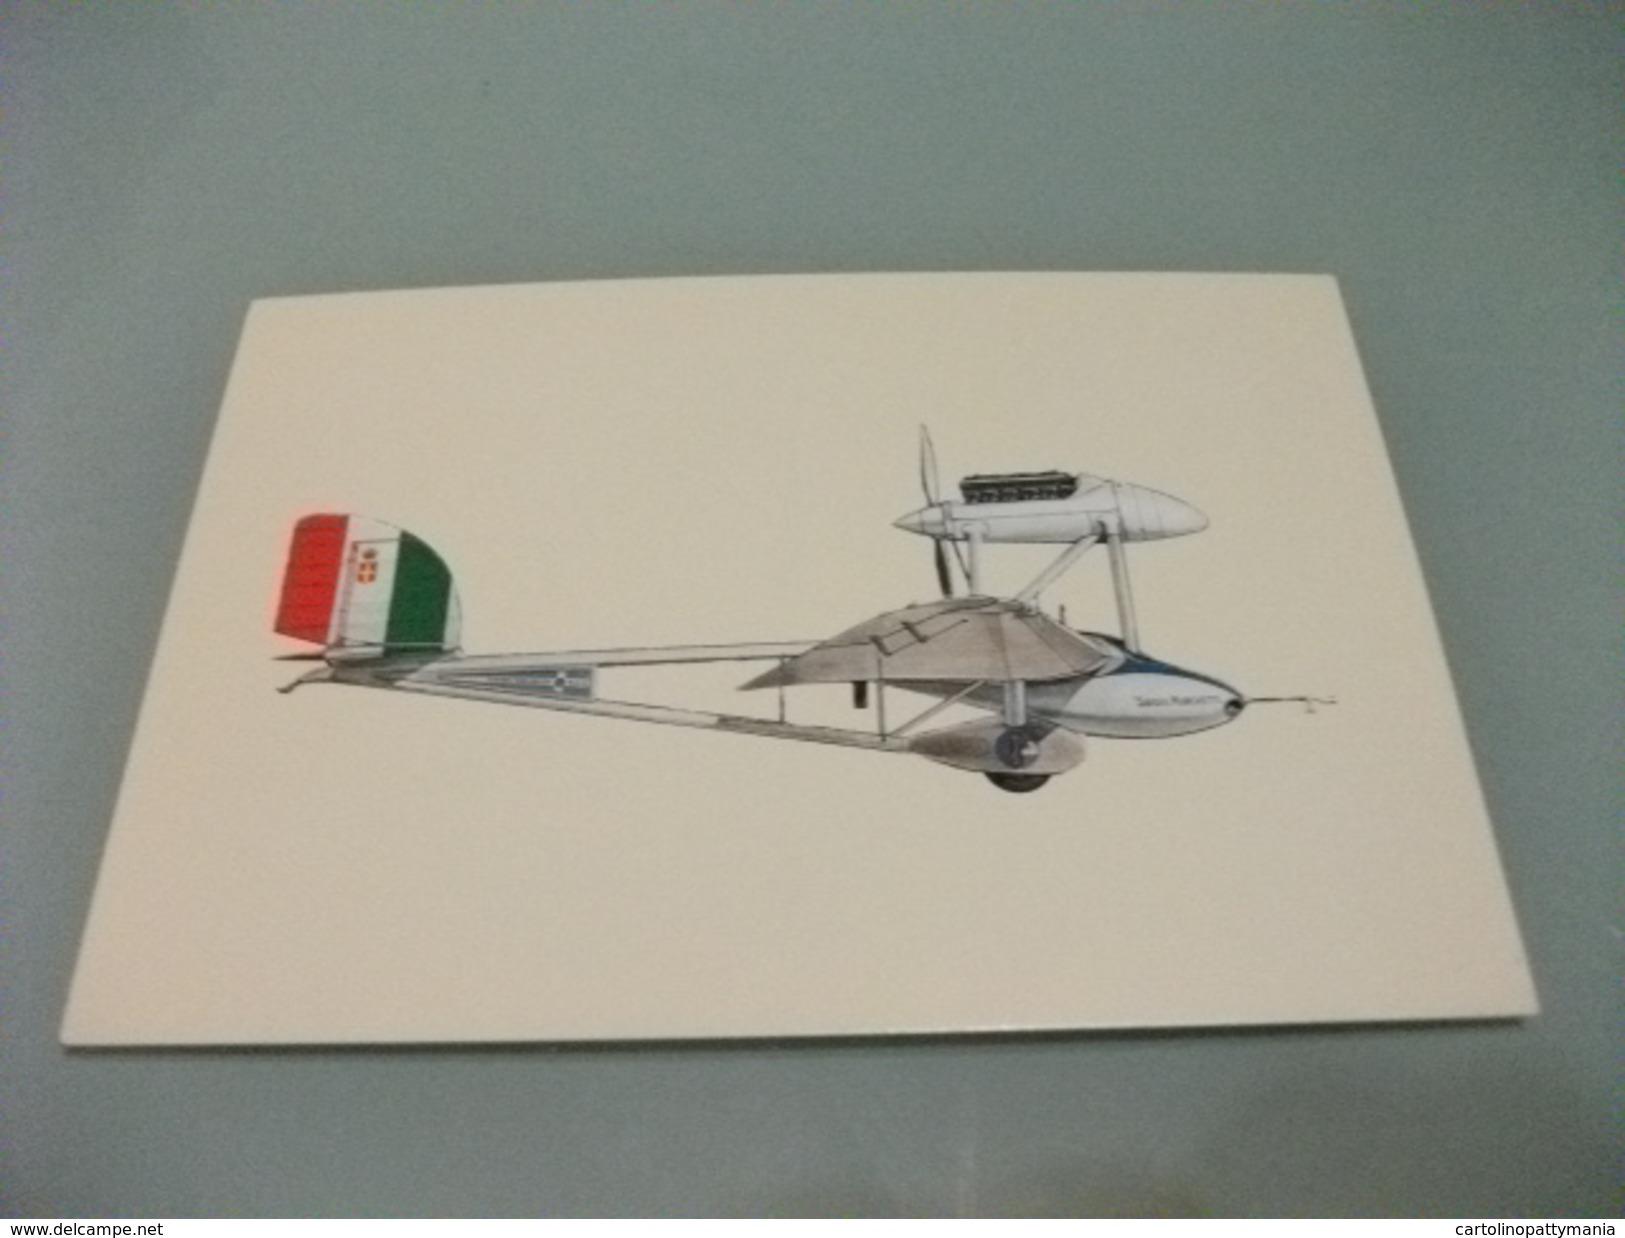 AEREO SIAI S. 64 1927 AEREO USATO PILOTI FERRARIN E DEL PRETE TRAVERSATA ITALIA BRASILE SENZA SCALO - 1919-1938: Fra Le Due Guerre